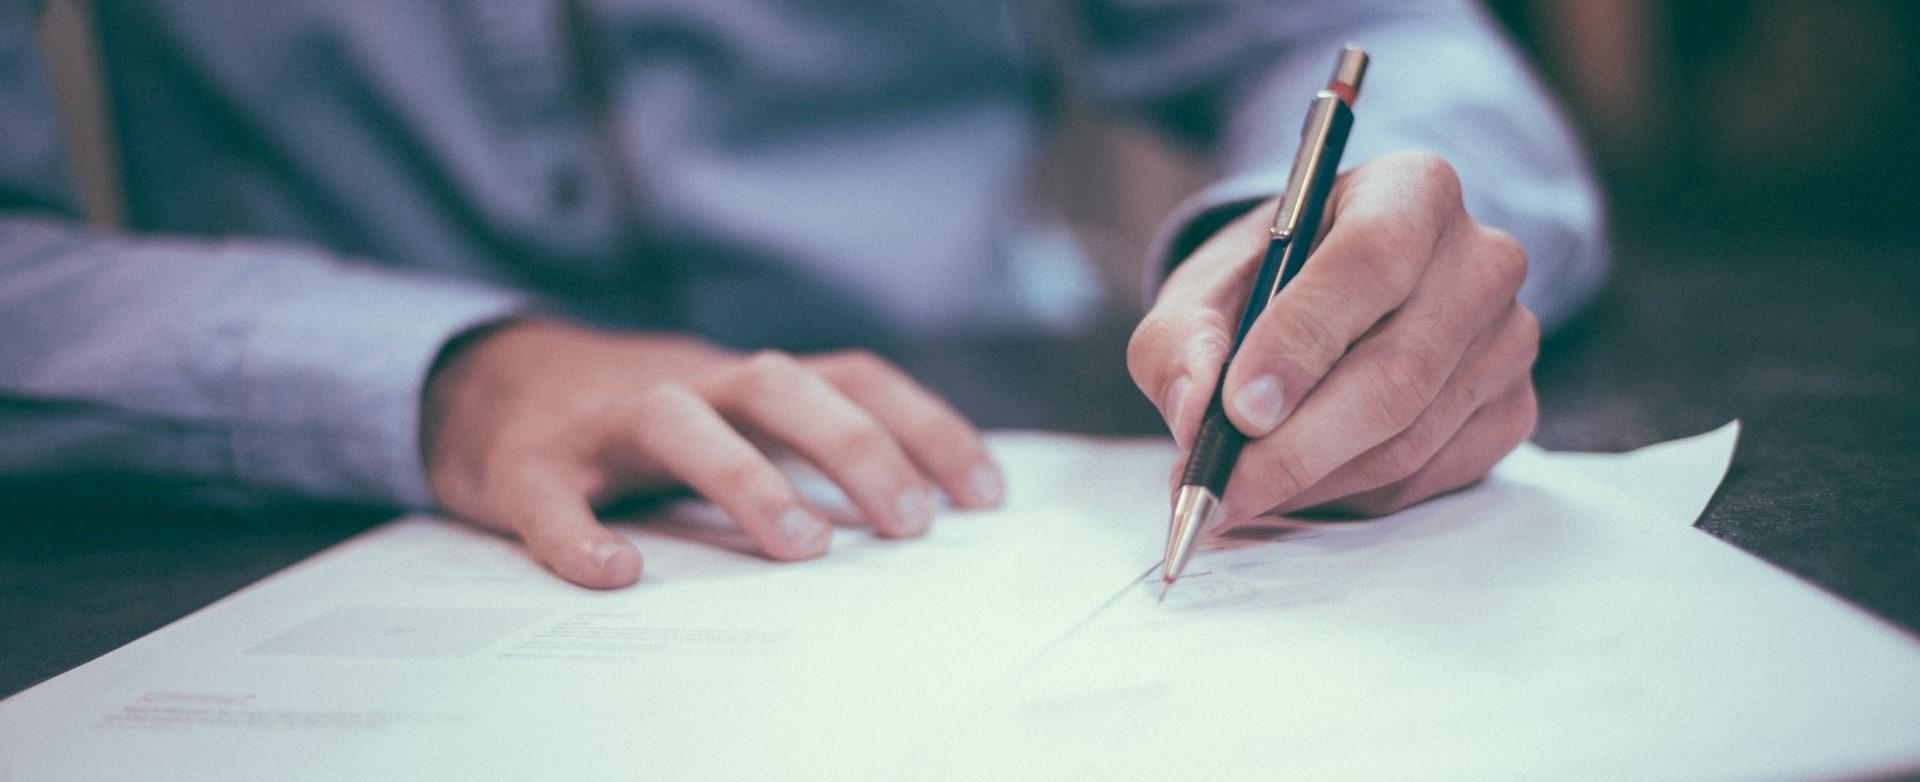 Seguro Garantia ou Fiança Bancária? Entenda a diferença